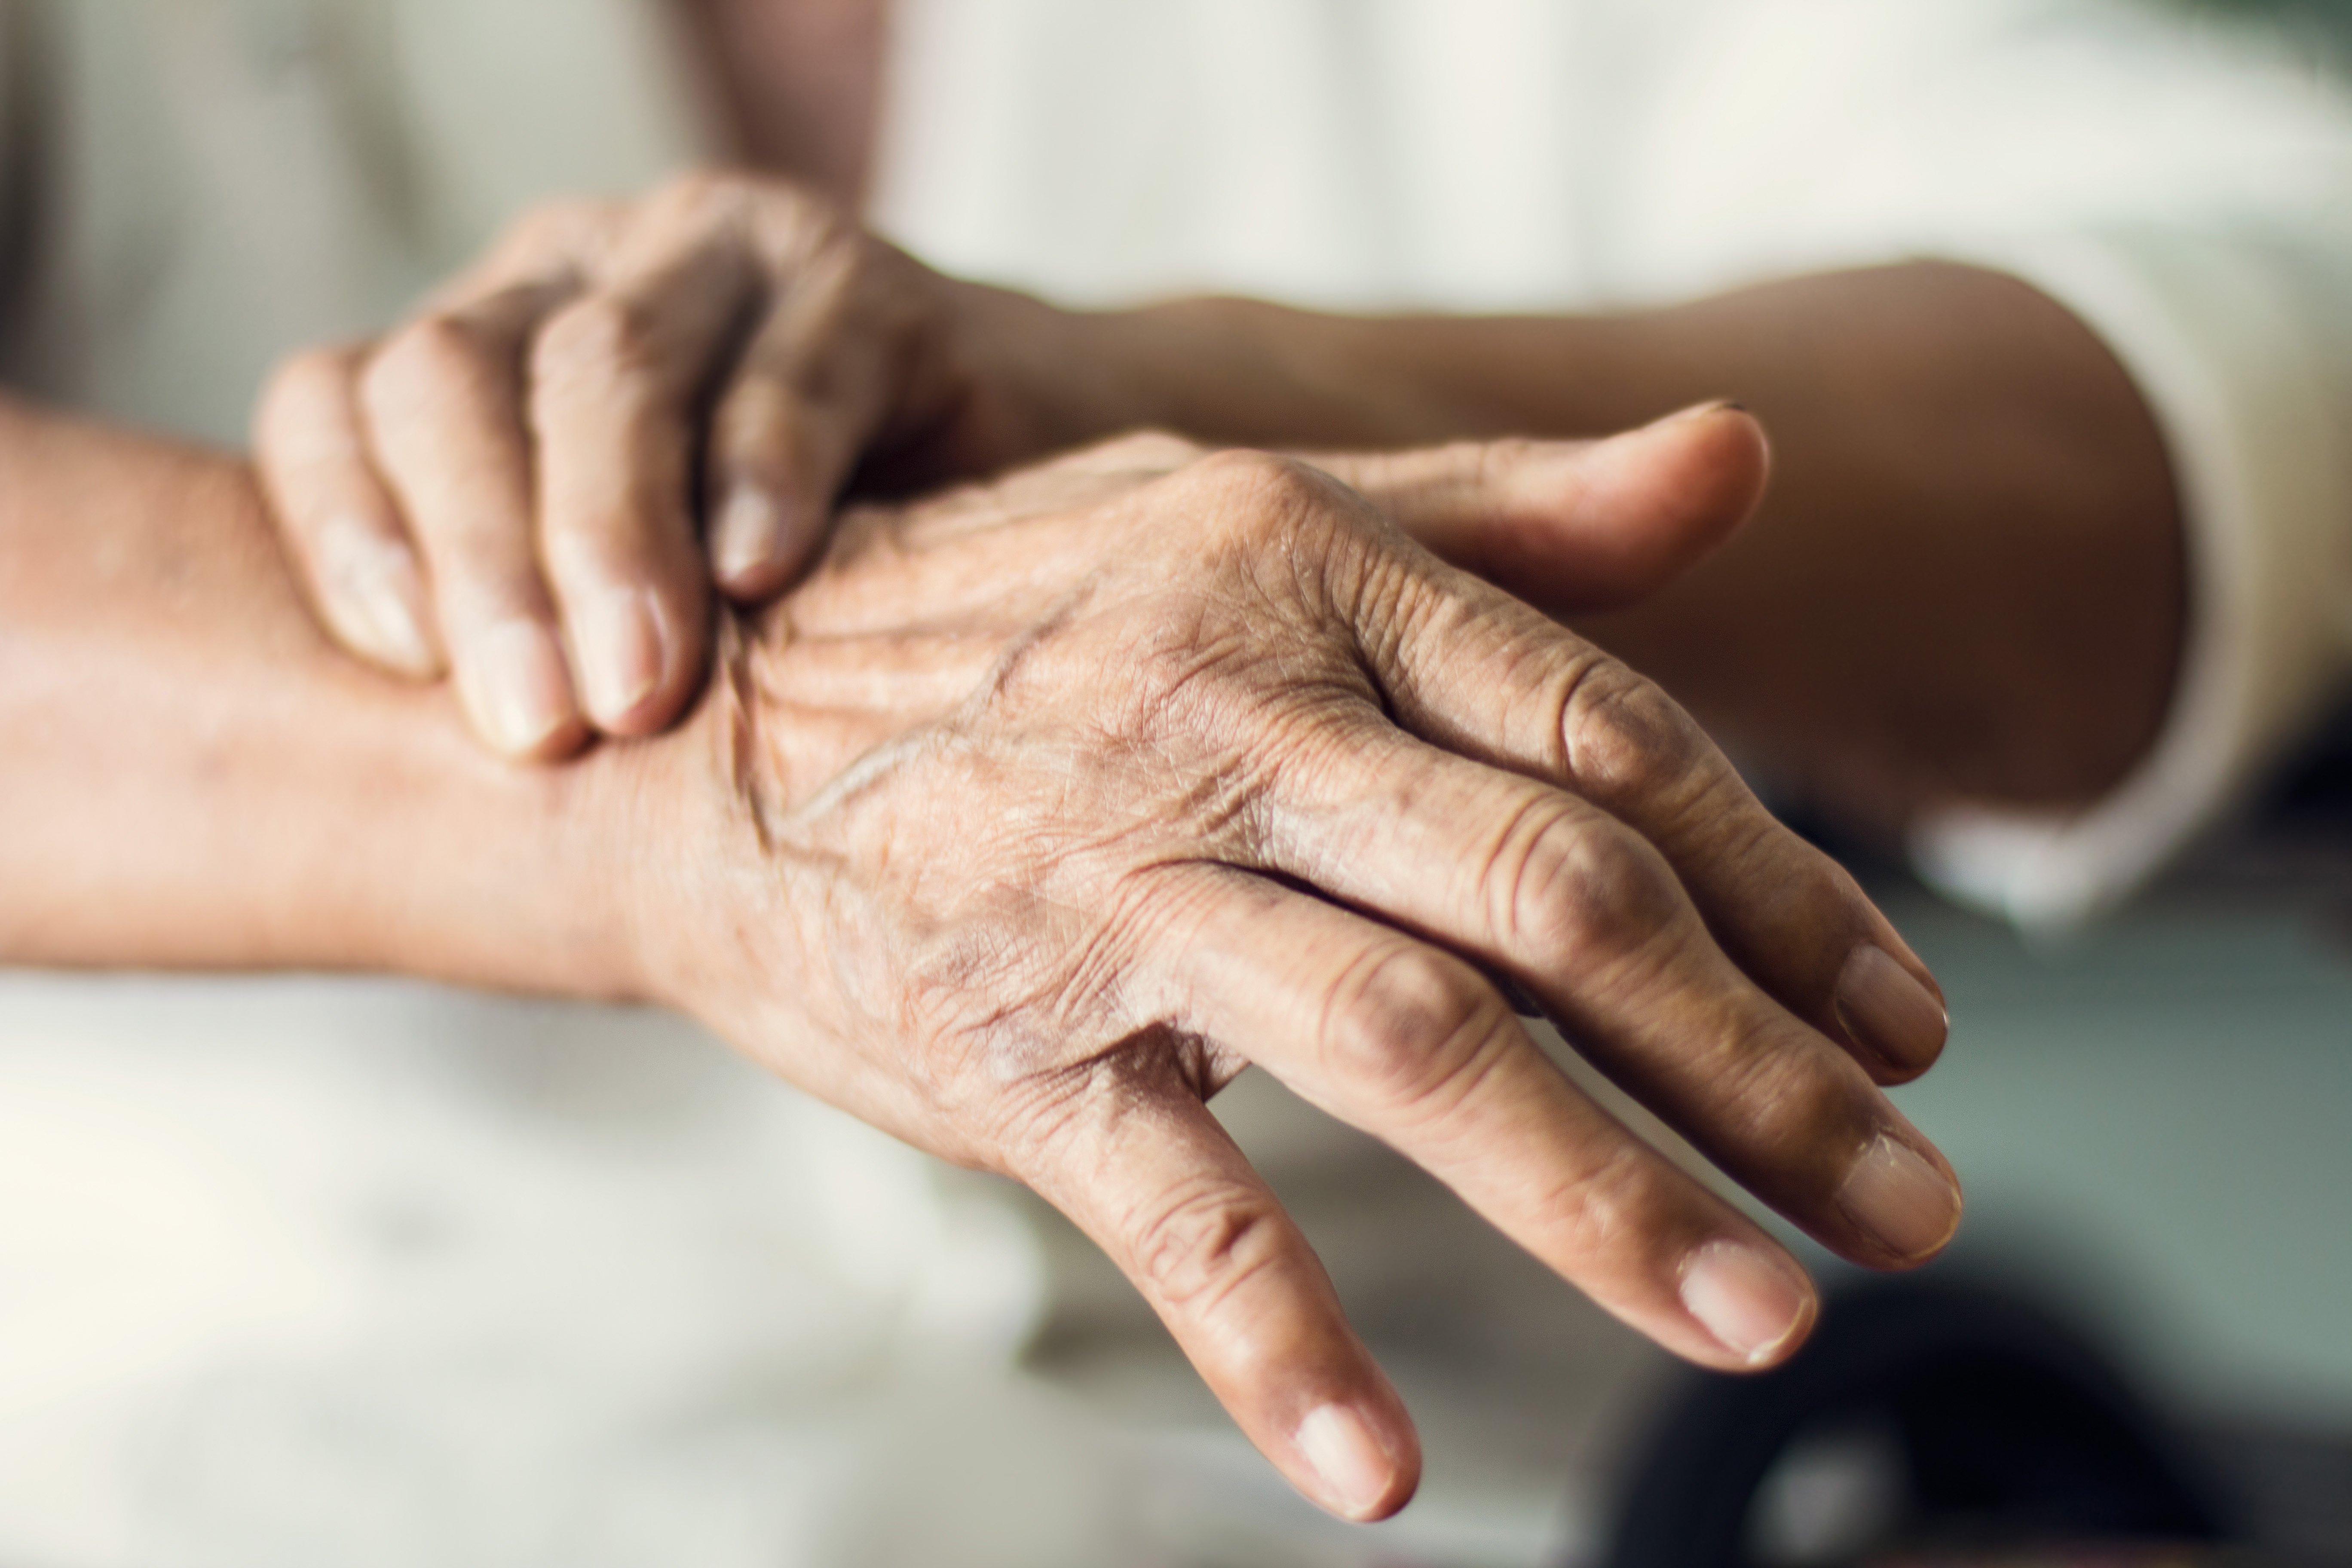 Le tremblement est caractéristique de la maladie de Parkinson